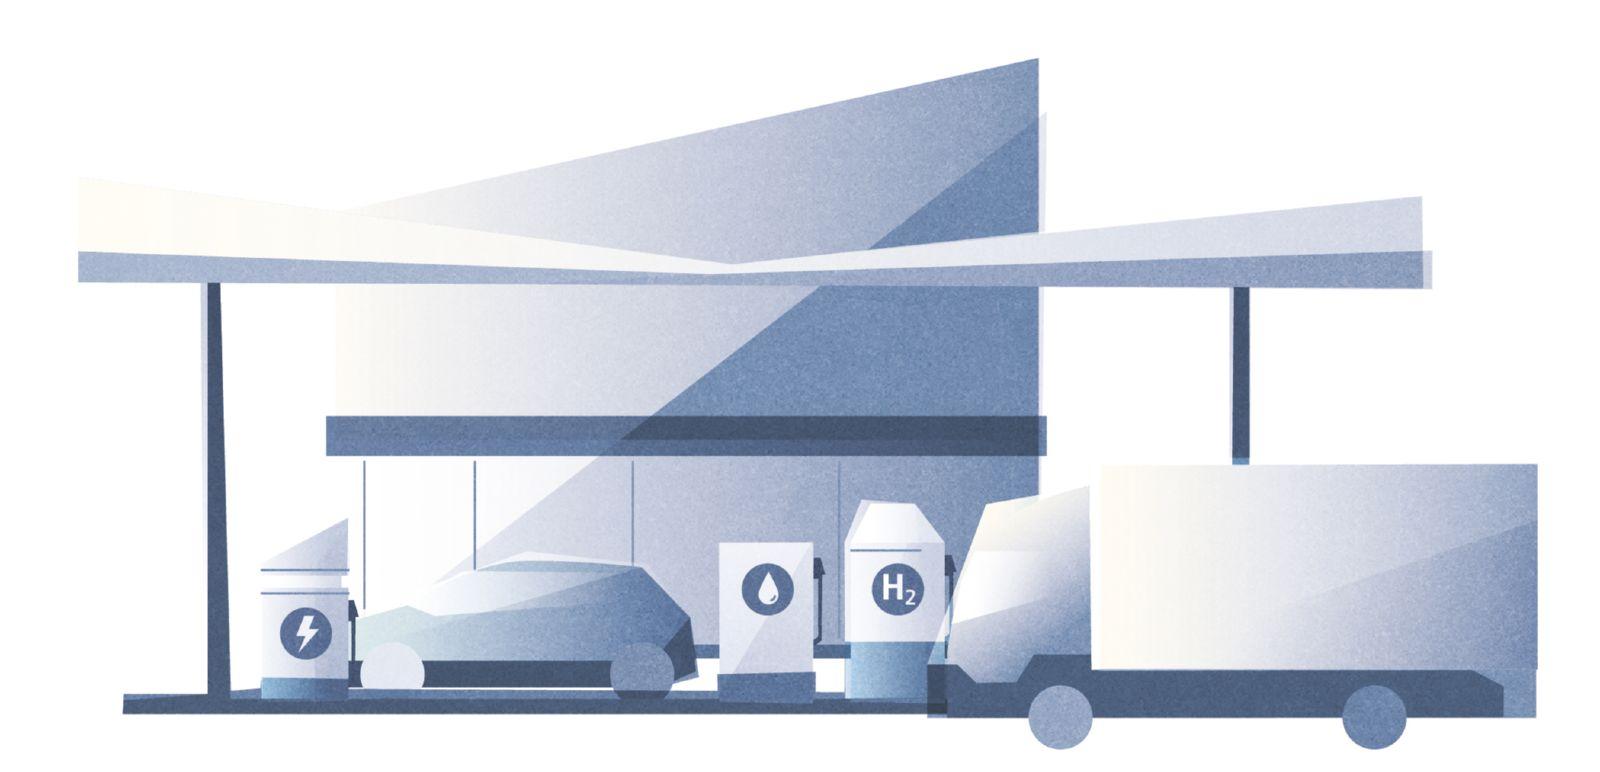 Das Bild zeigt eine Tankstelle, an der Fahrzeuge Strom, Wasserstoff und eFuels tanken können.